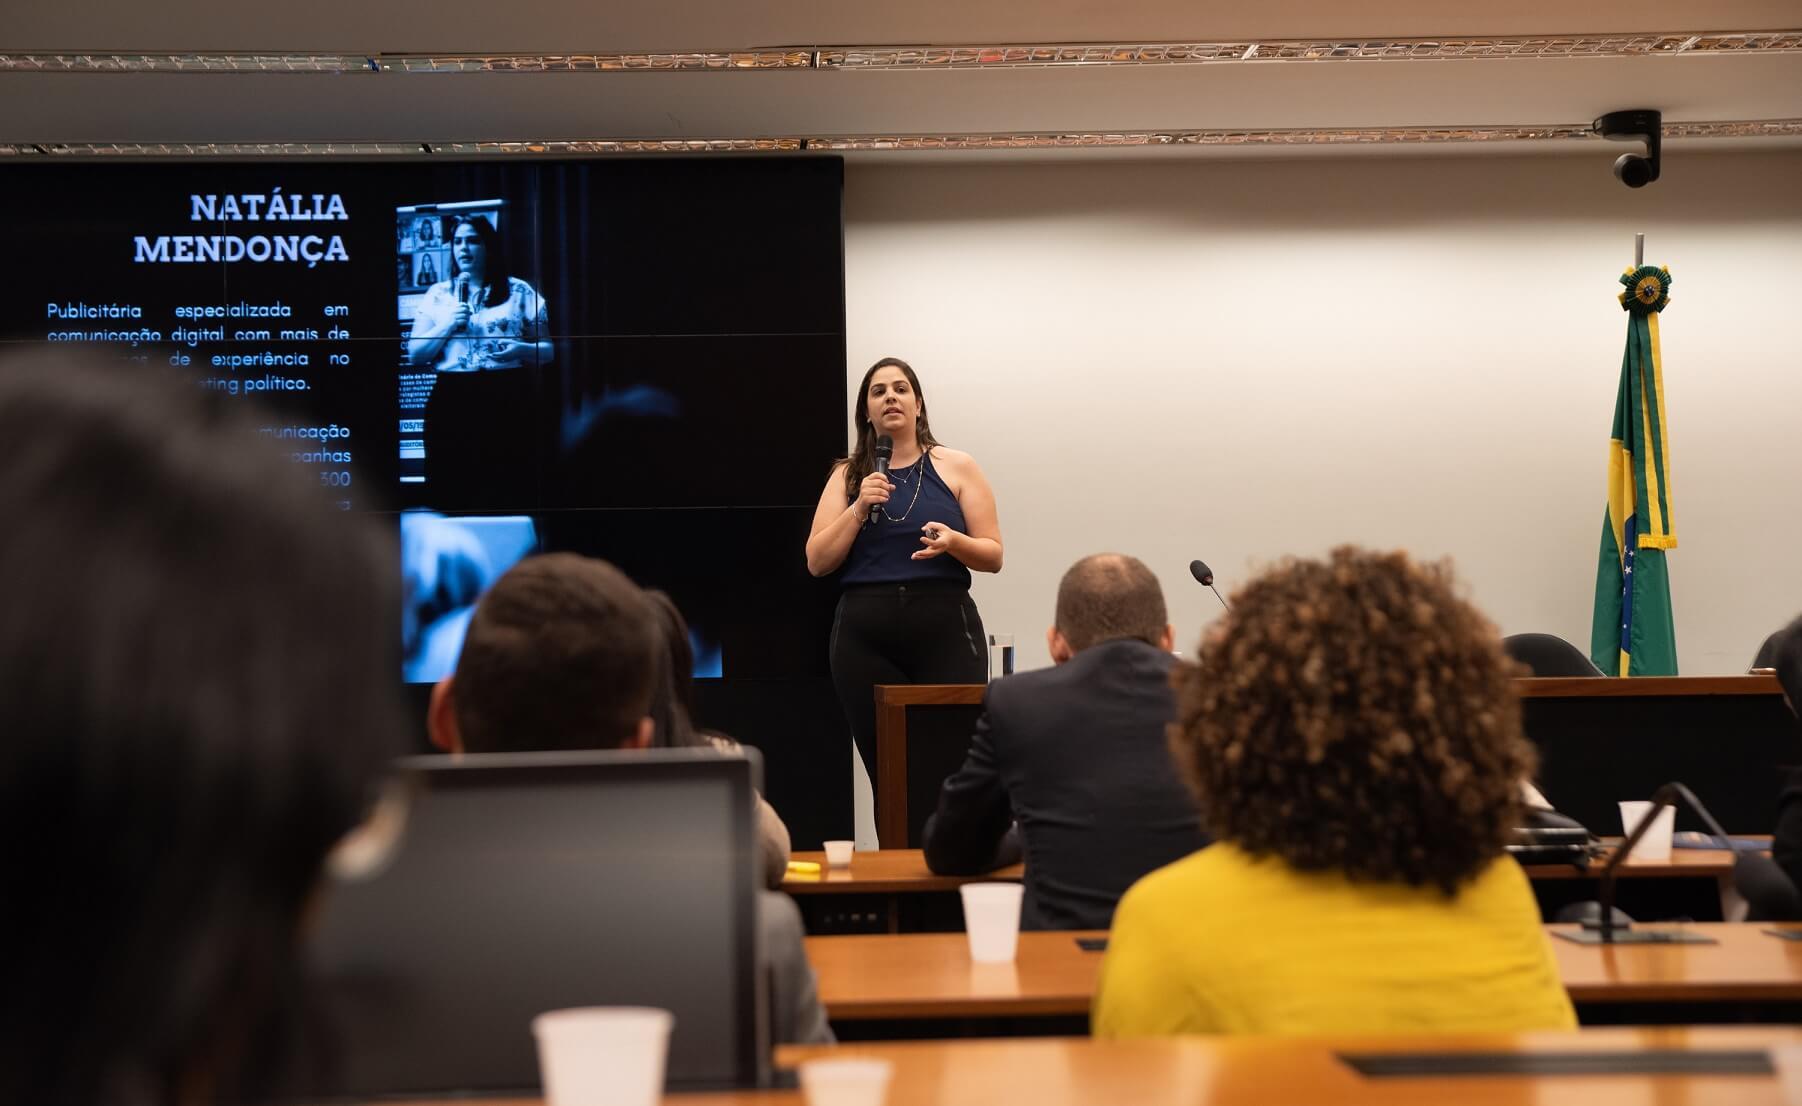 Foto da professora Natália Mendonça em palestra na Câmara dos deputados